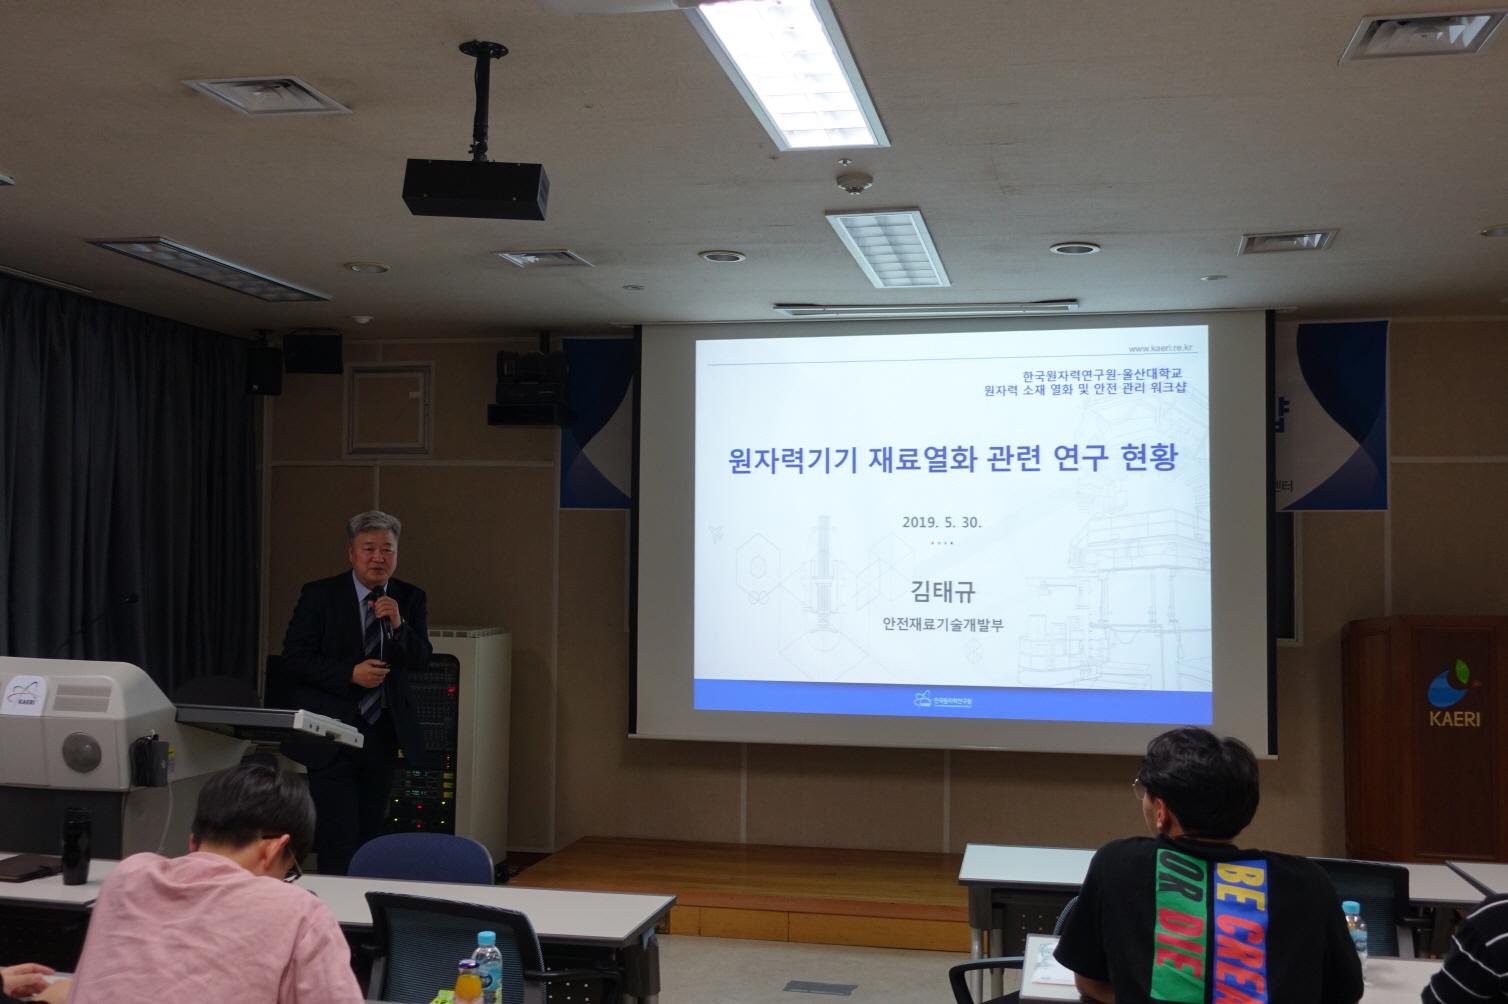 사진3 - 한국원자력연구원-울산대 원자력 소재 열화 및 안전 관리 워크숍 강연